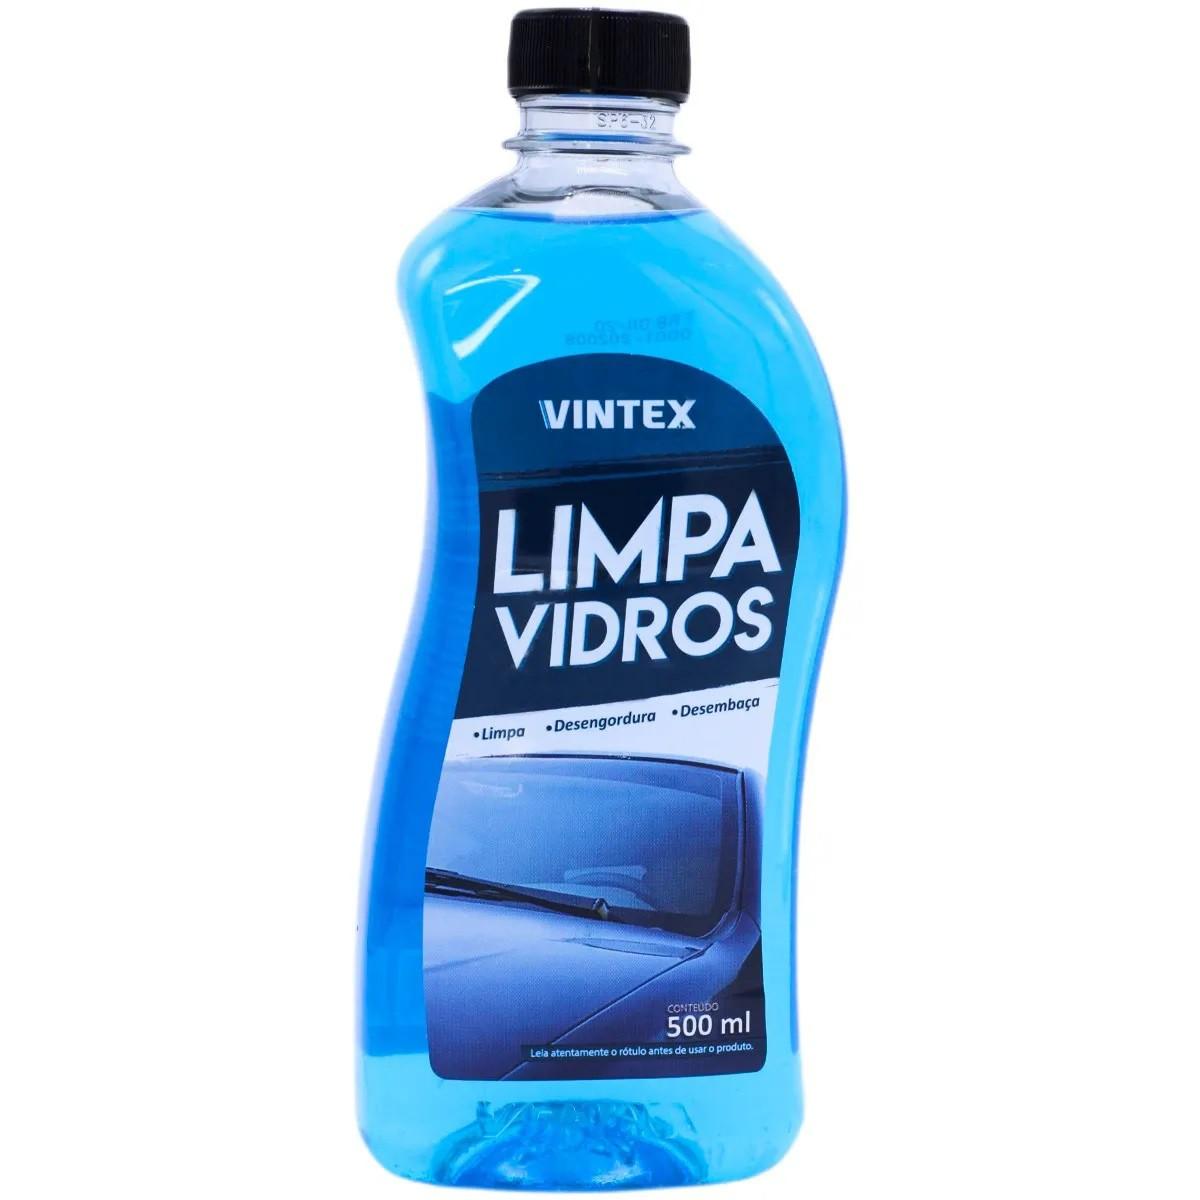 Limpa Vidros 500ml Vintex by Vonixx